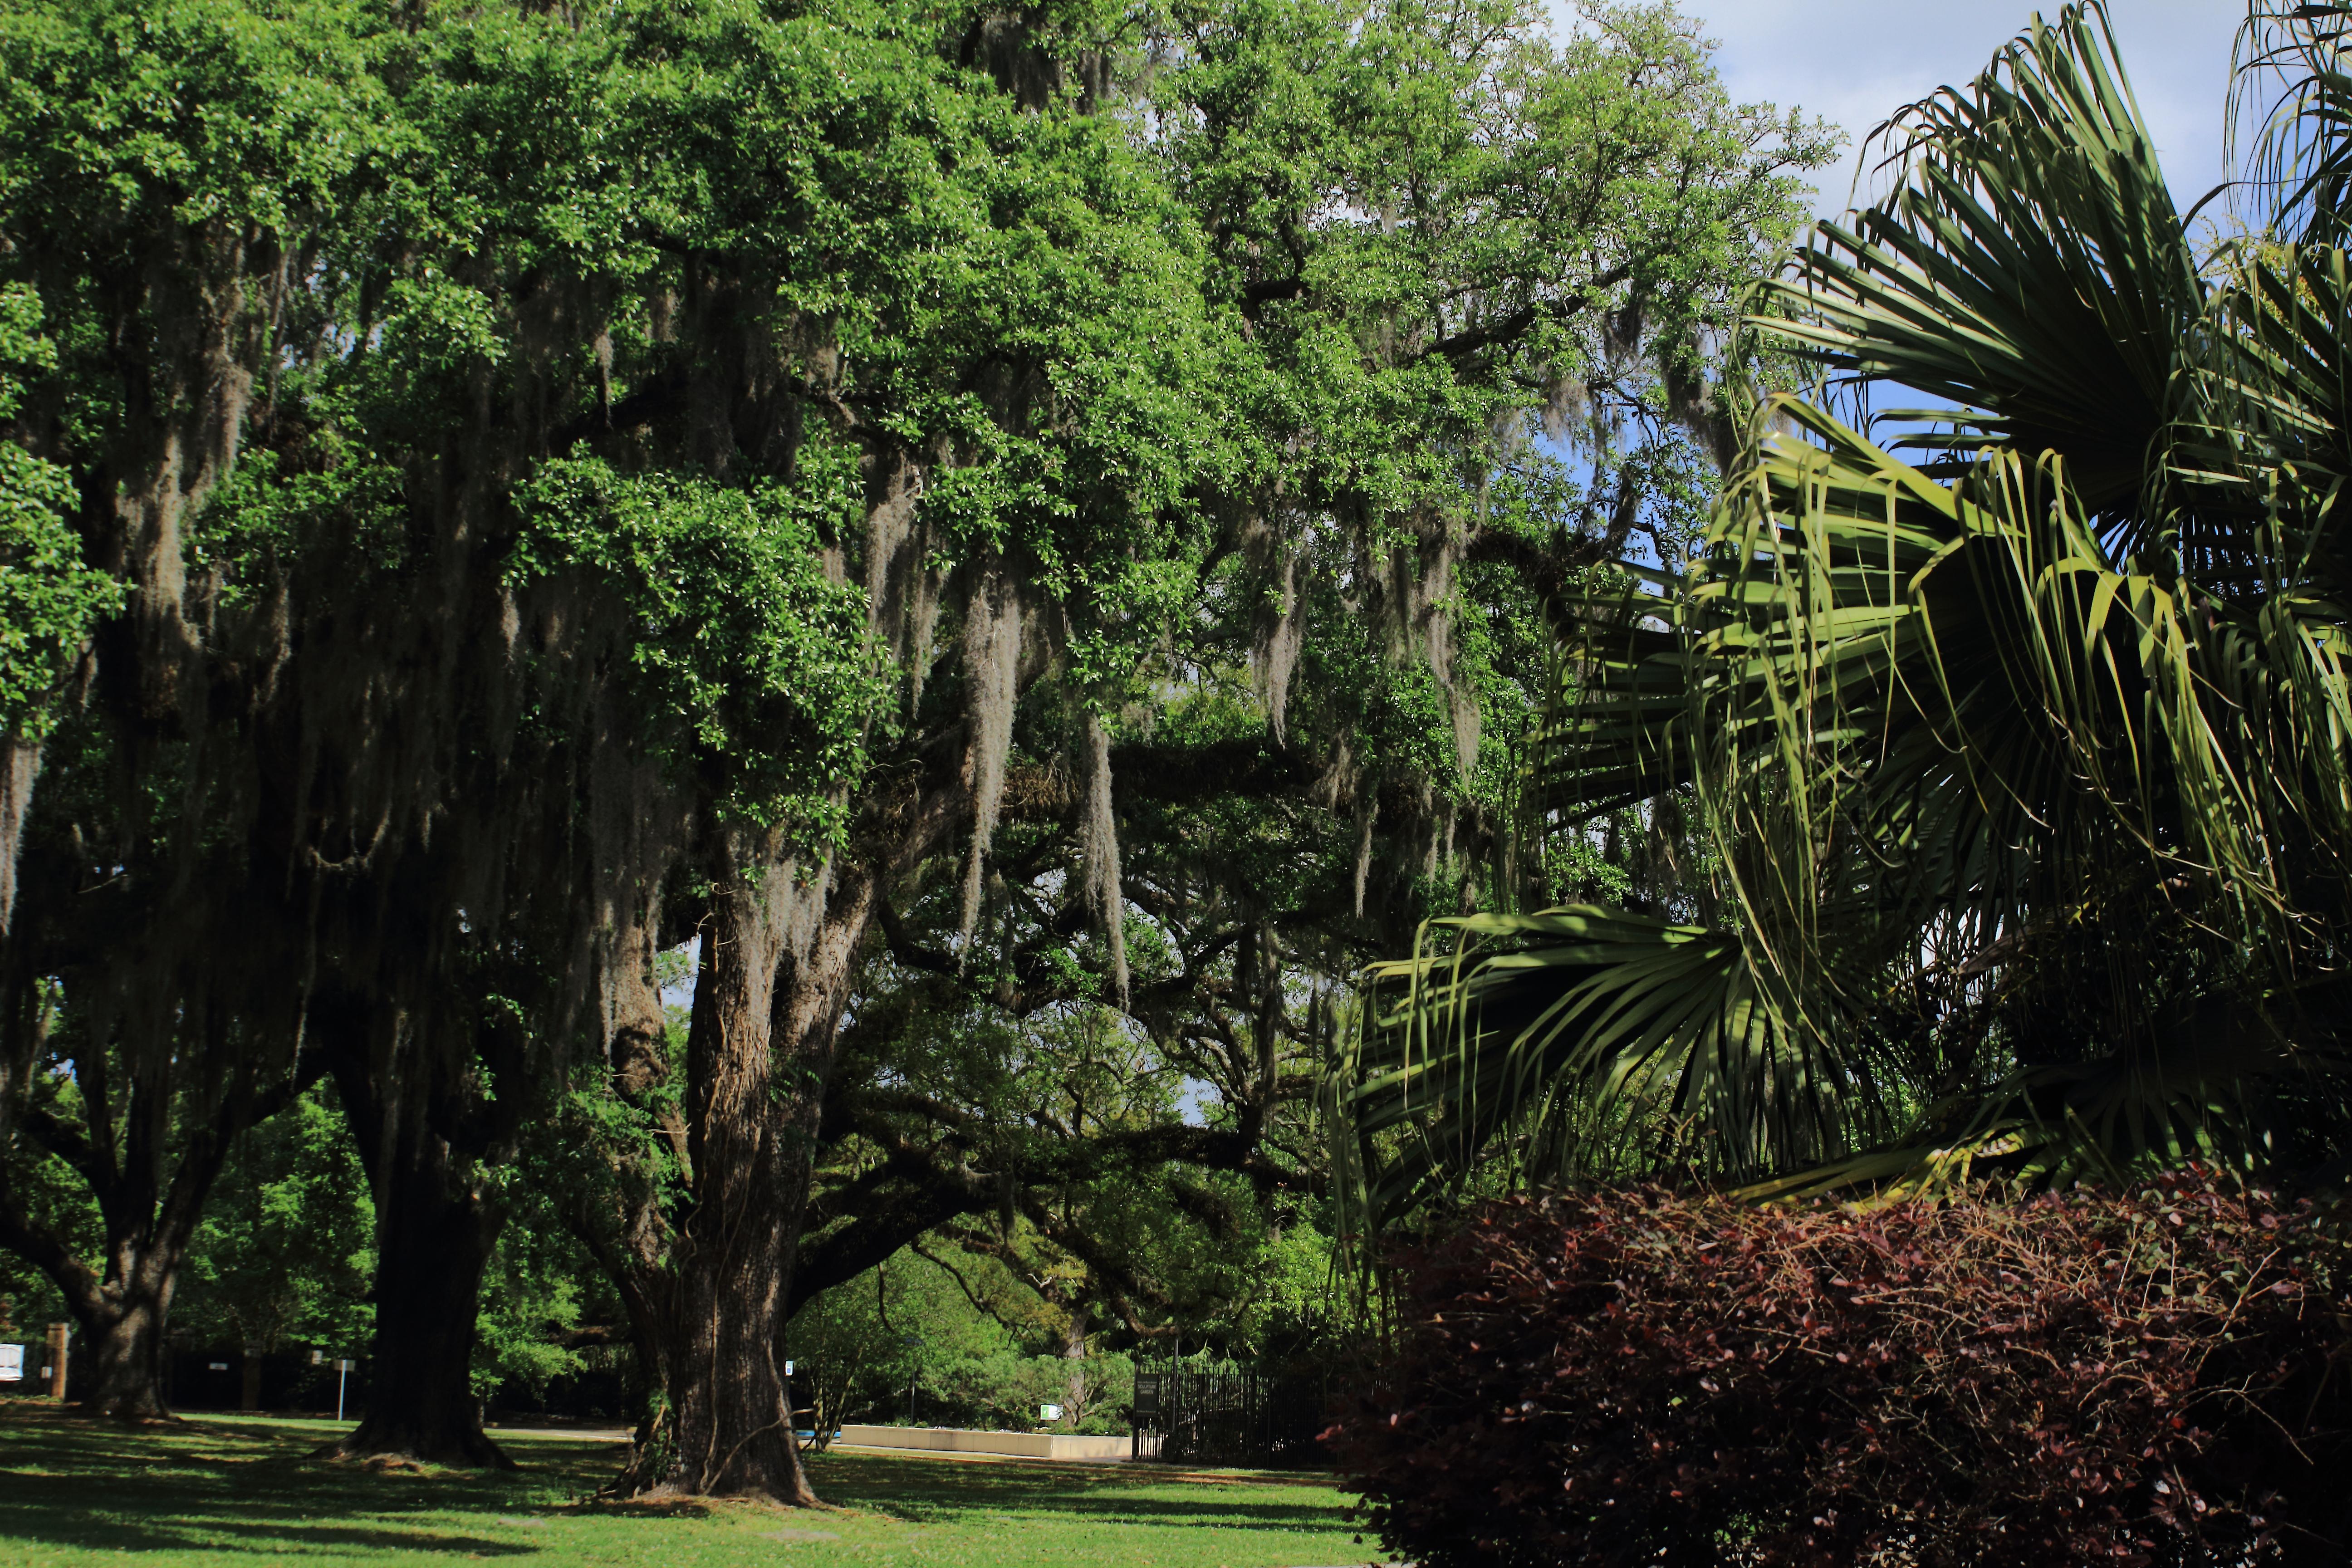 New Orleans - Garden